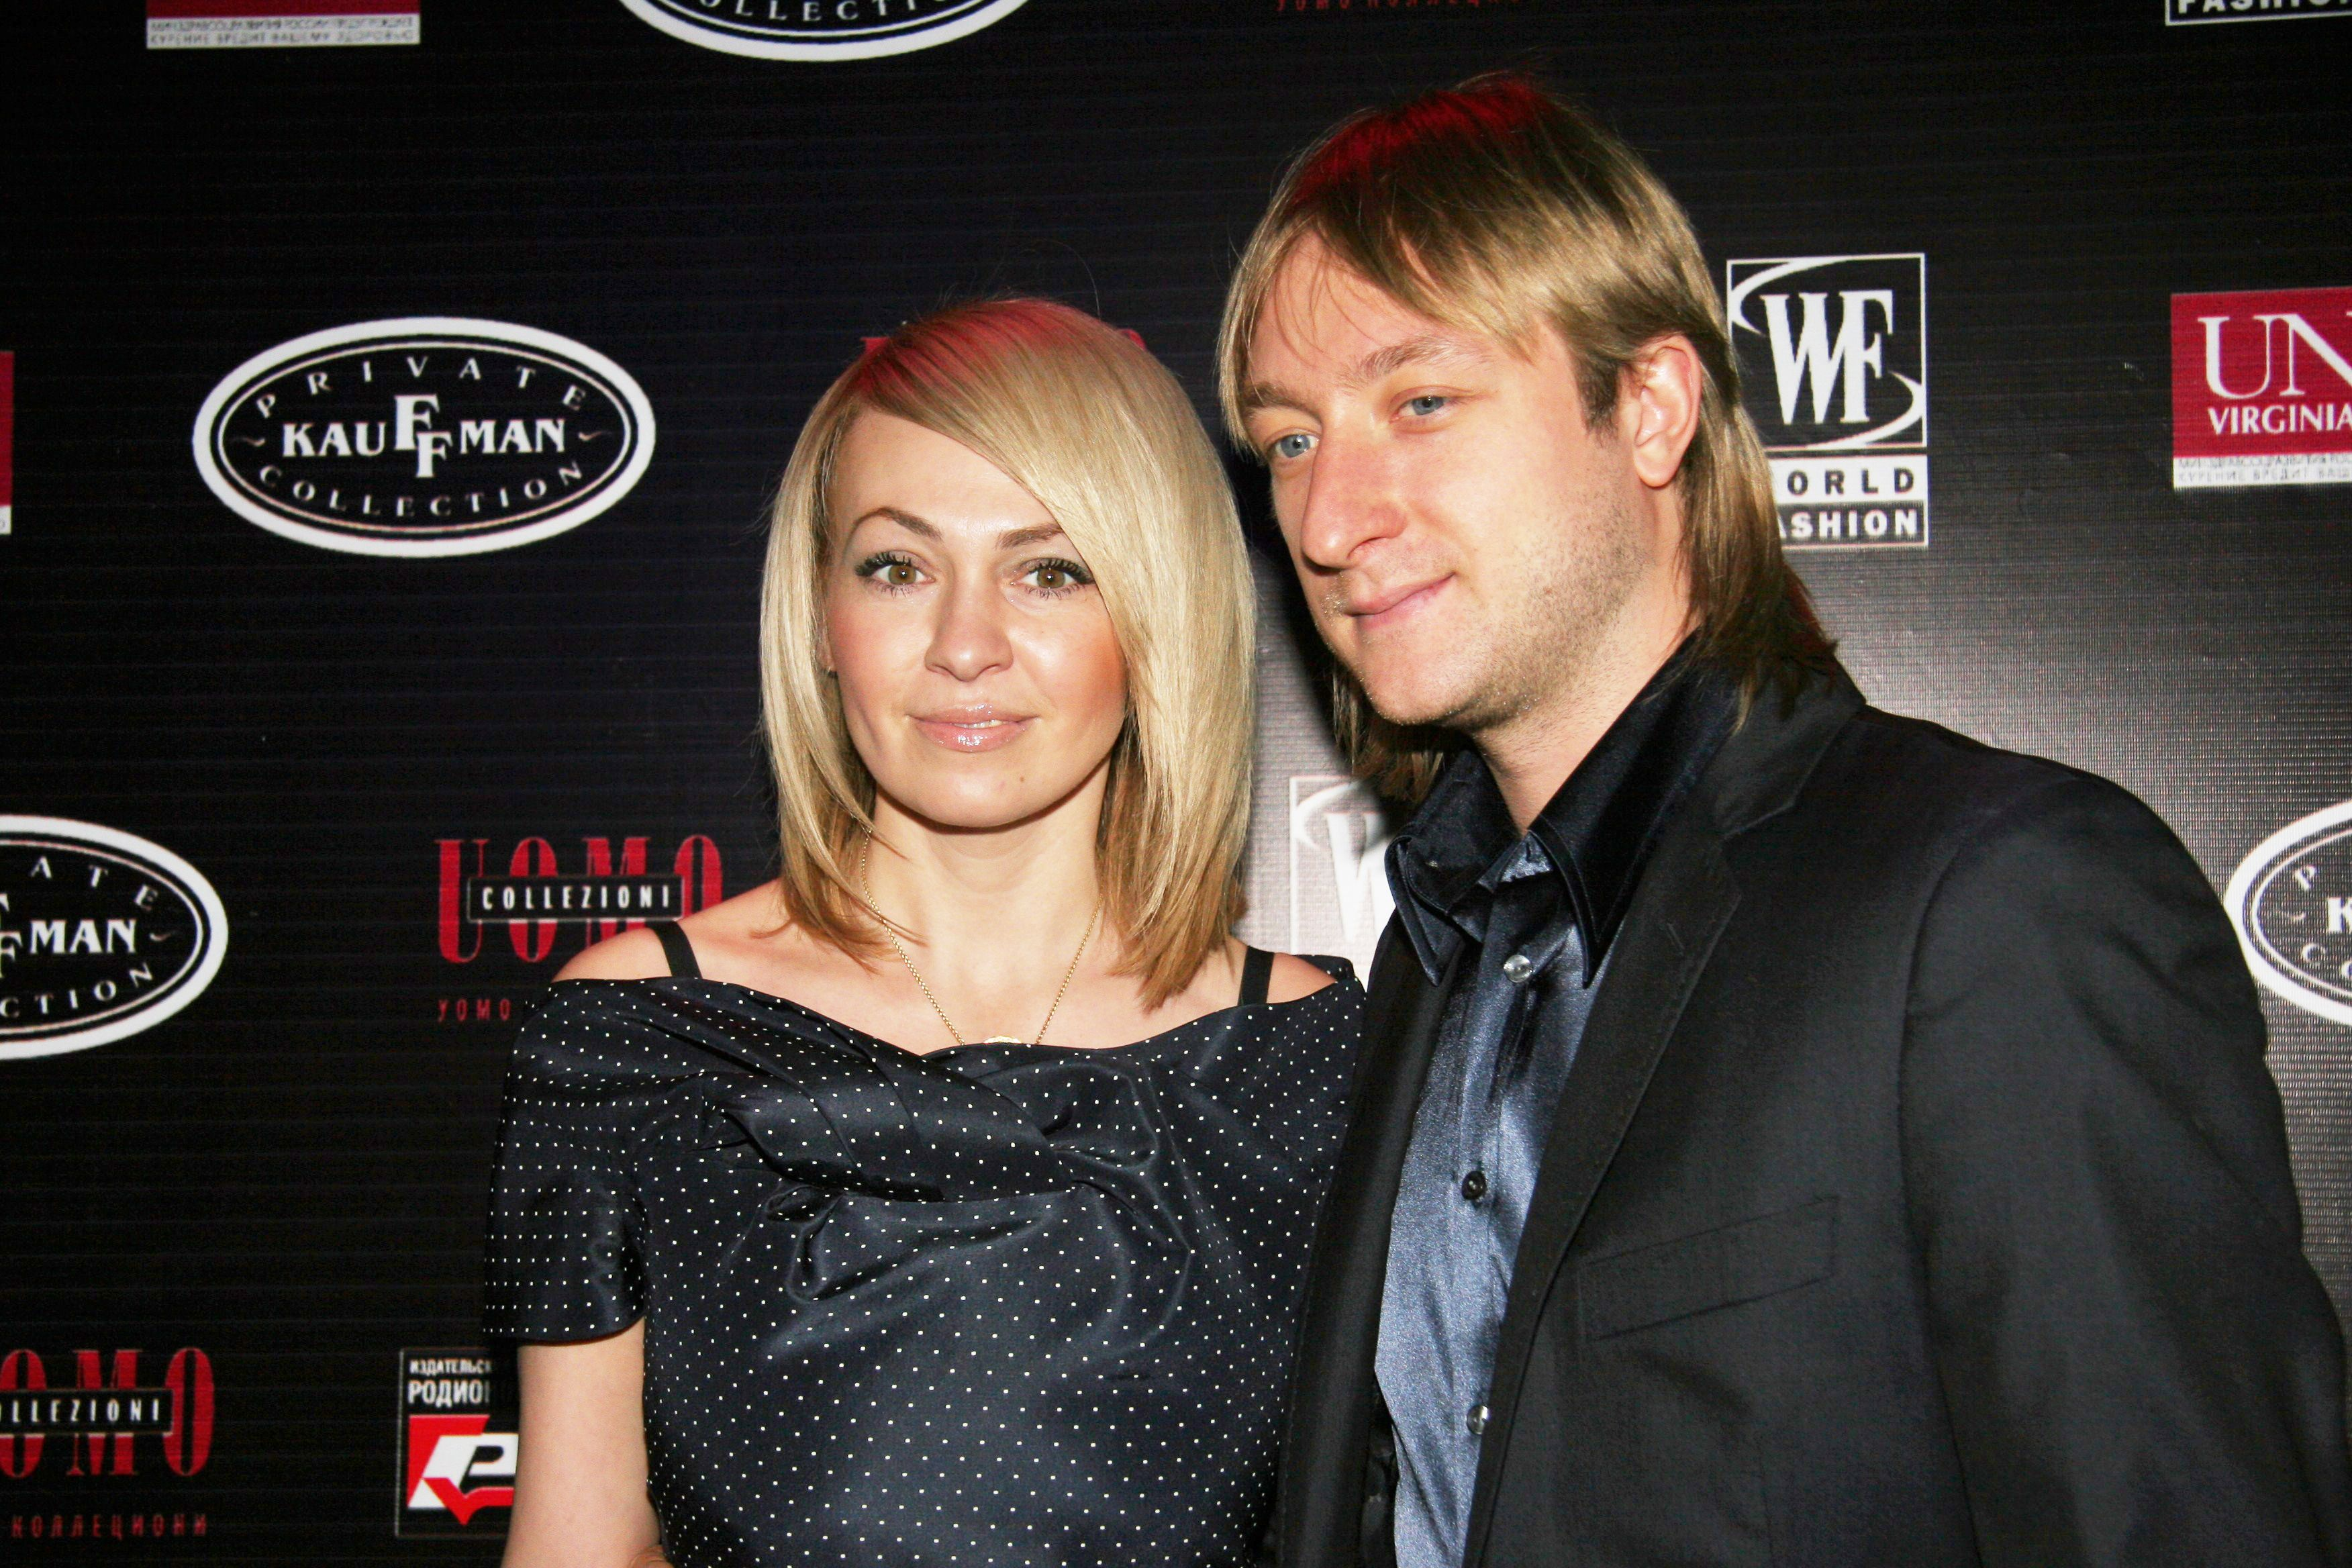 Рудковская в честь 14 февраля показала трогательный танец с Плющенко на концерте Билана. ВИДЕО